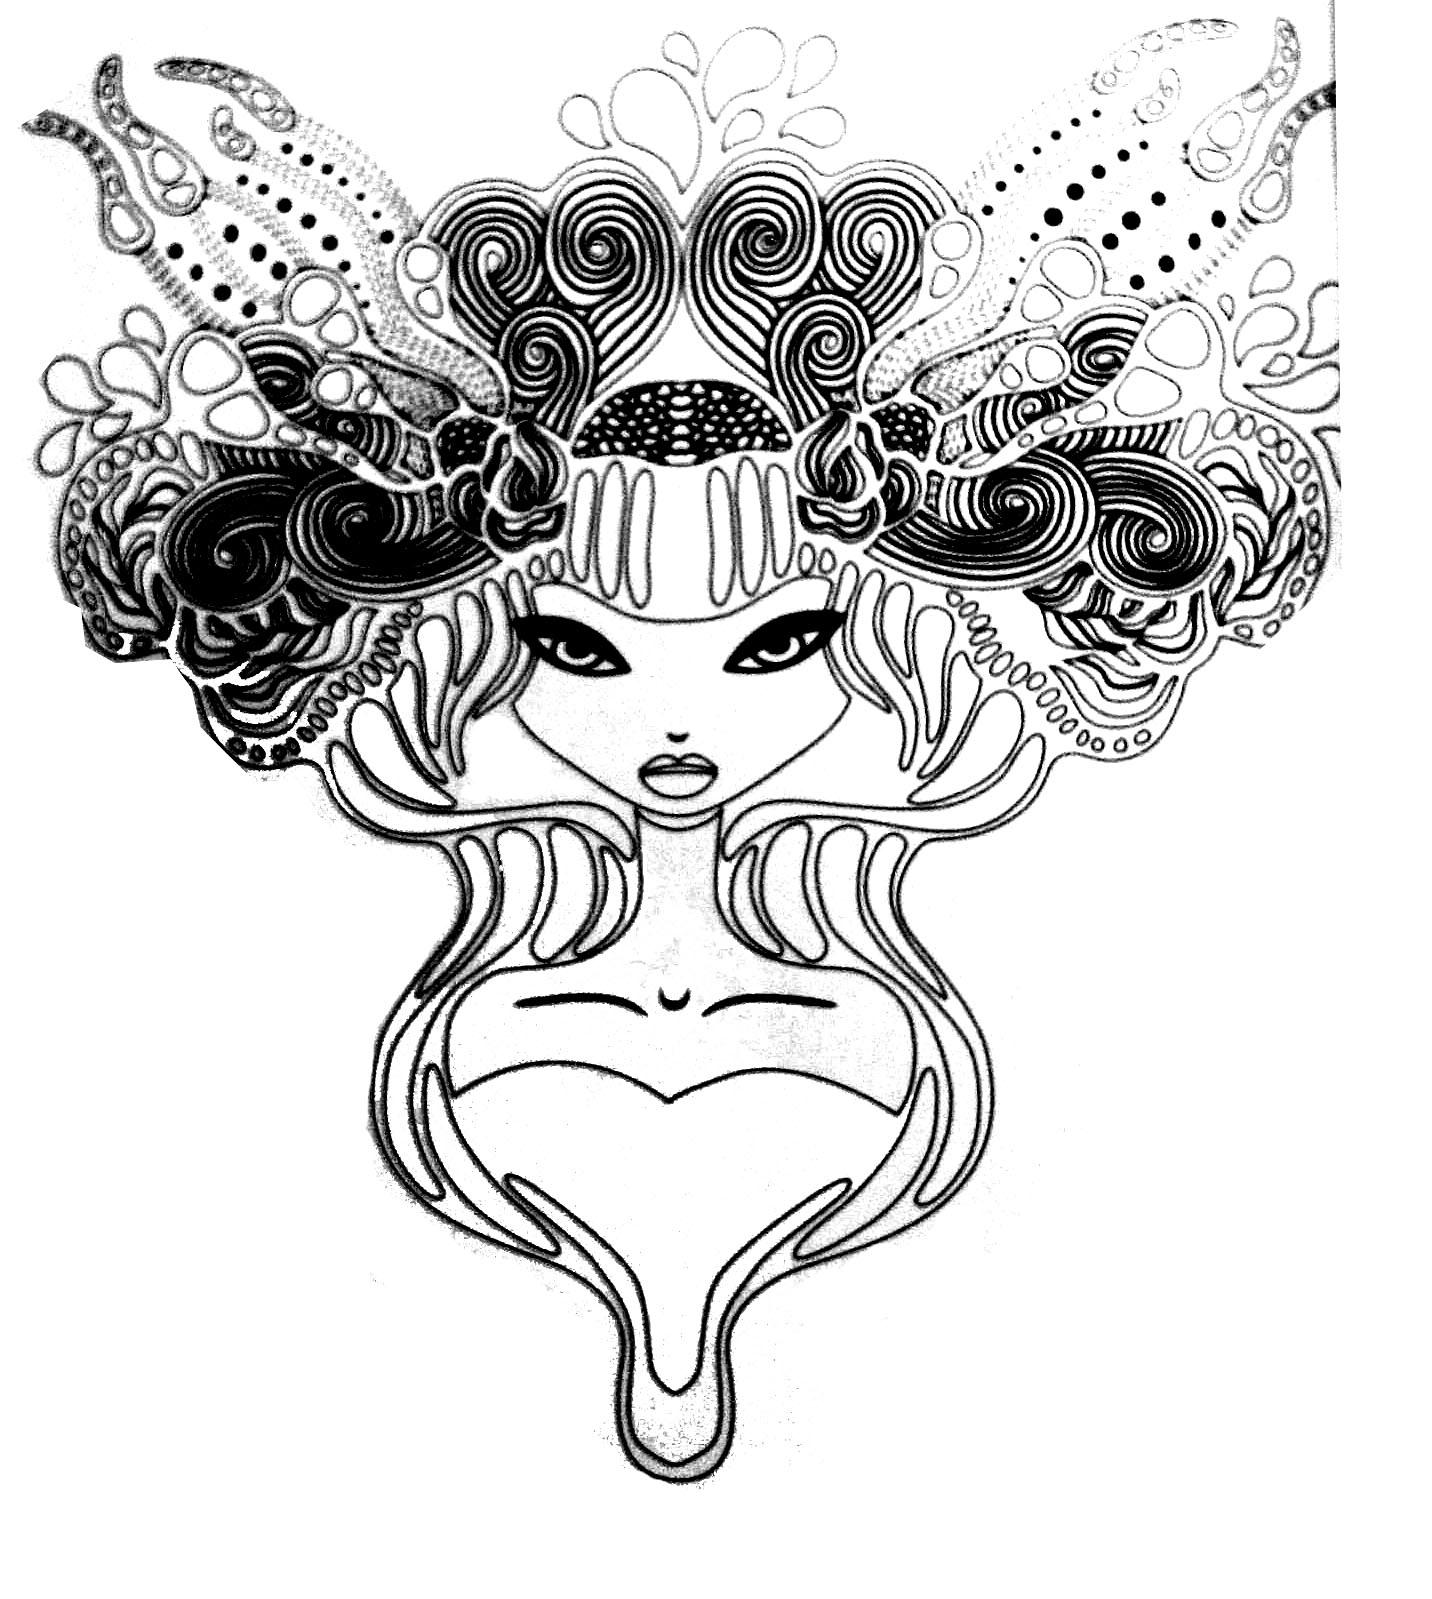 Disegni da colorare per adulti : Tatuaggi - 2